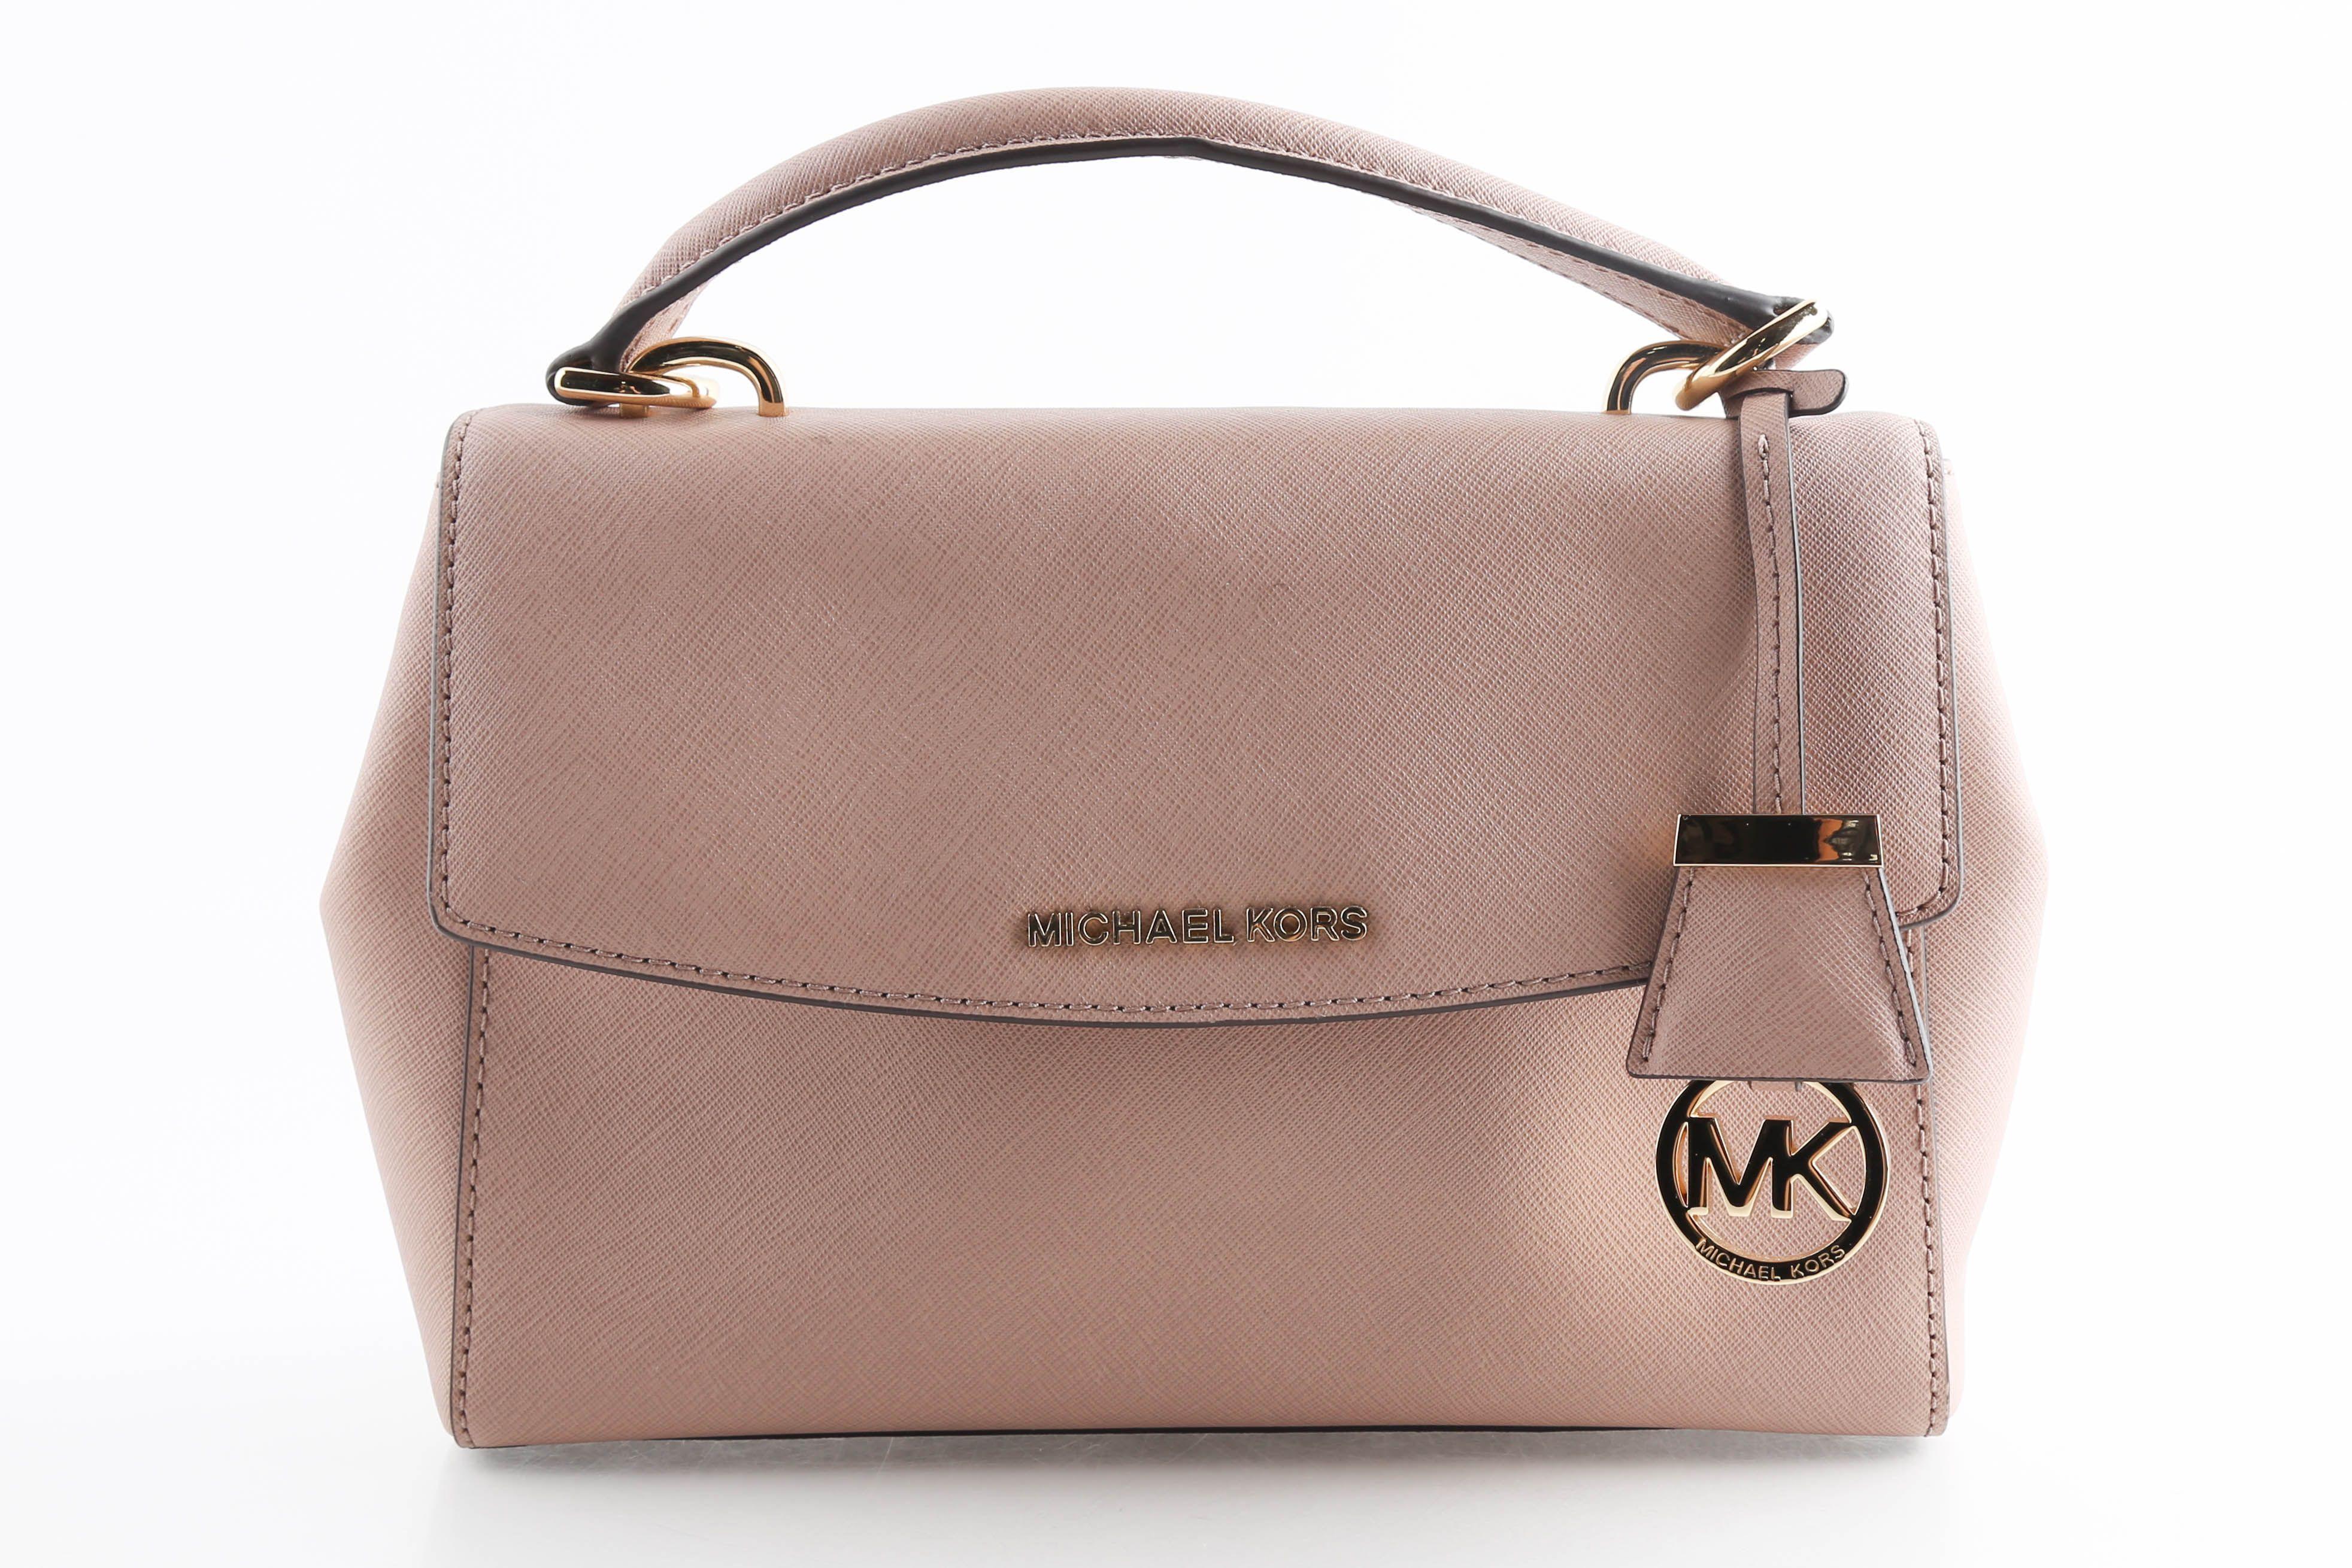 michael kors saffiano small satchel